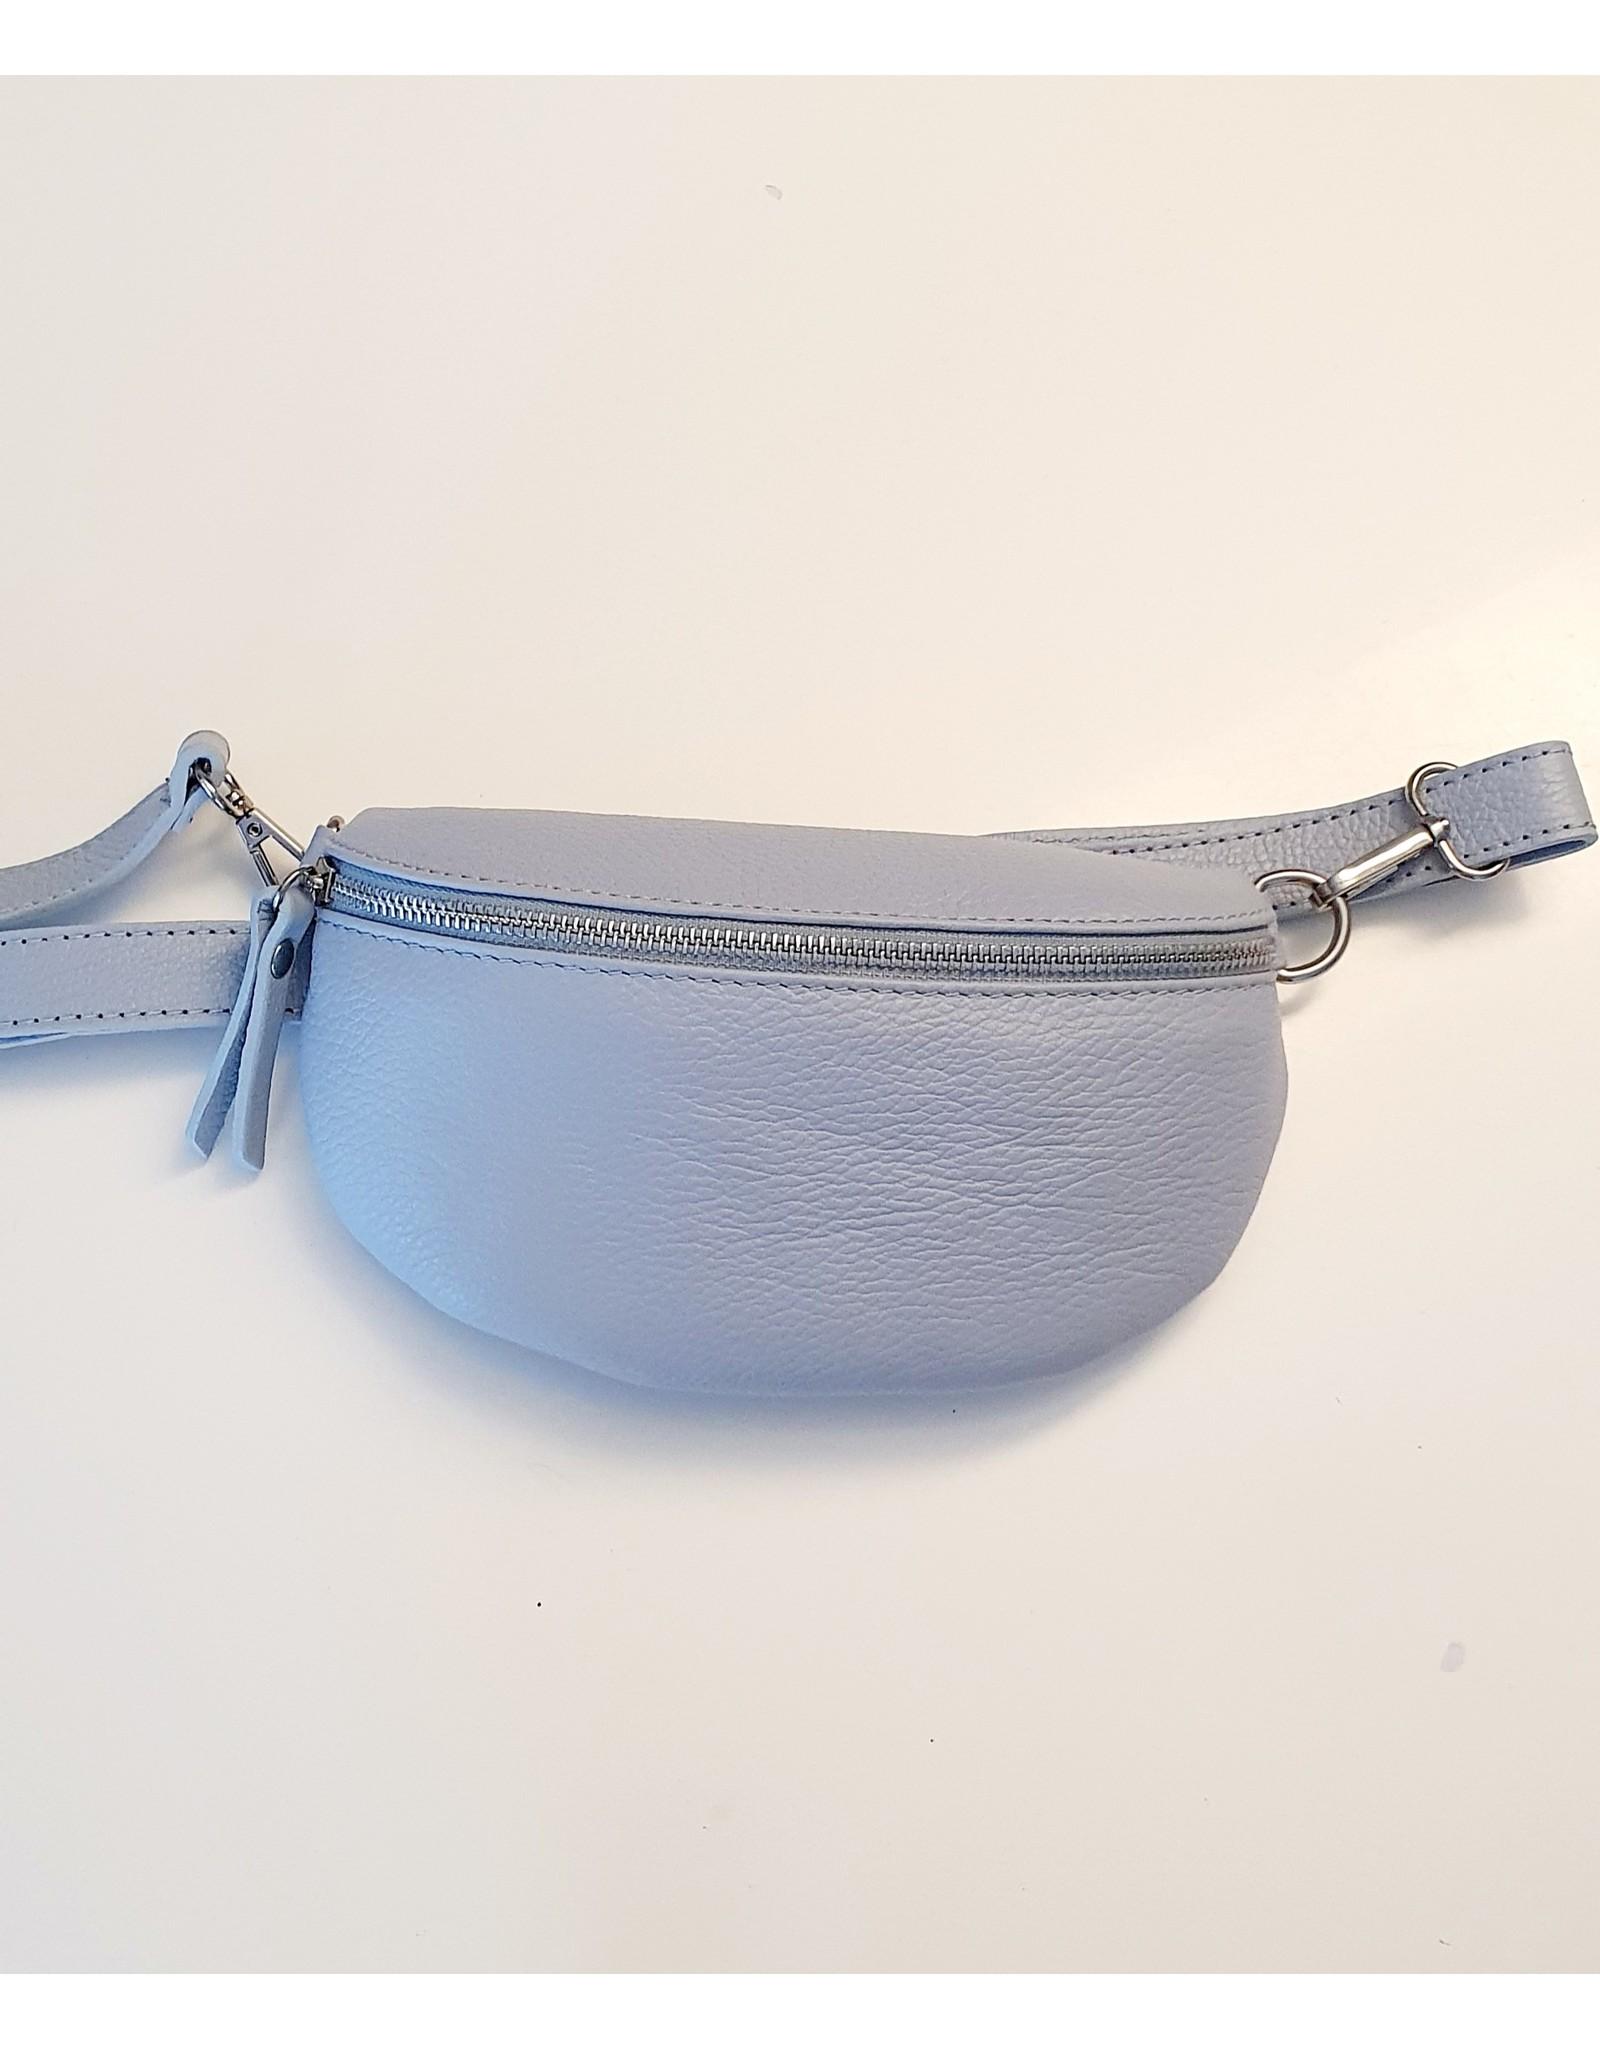 Bum bag blue